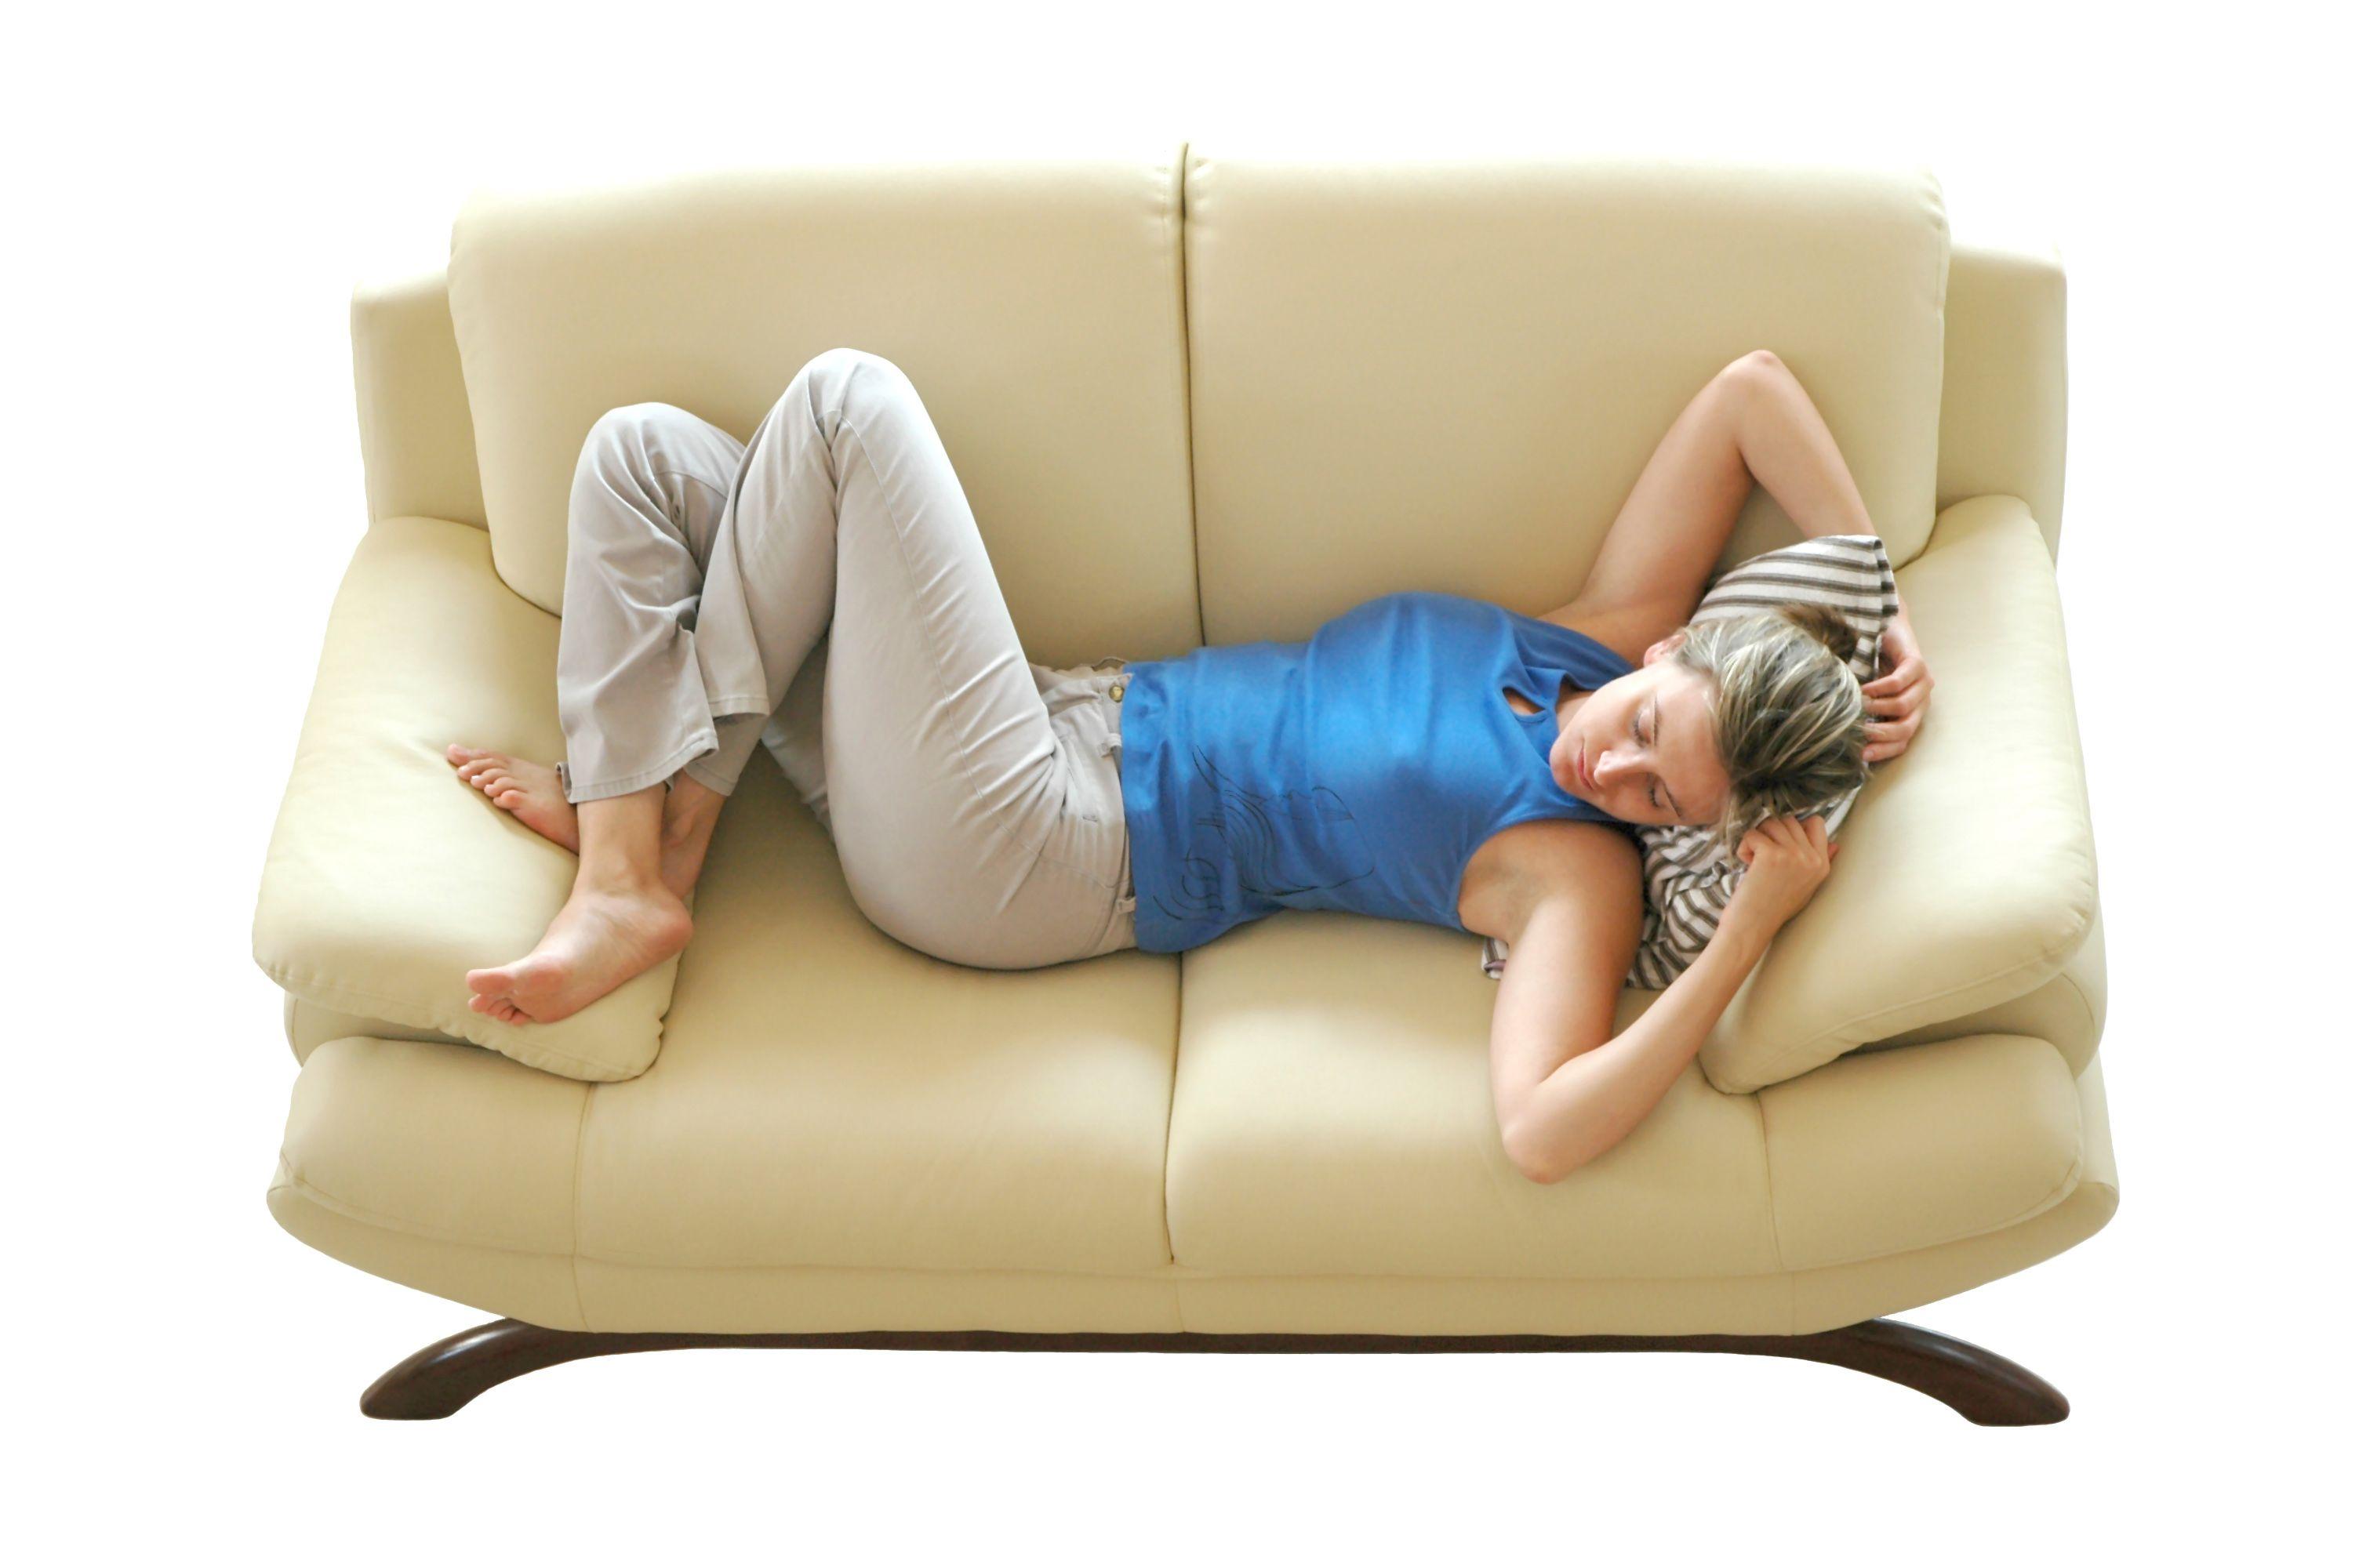 dormire-sul-divano